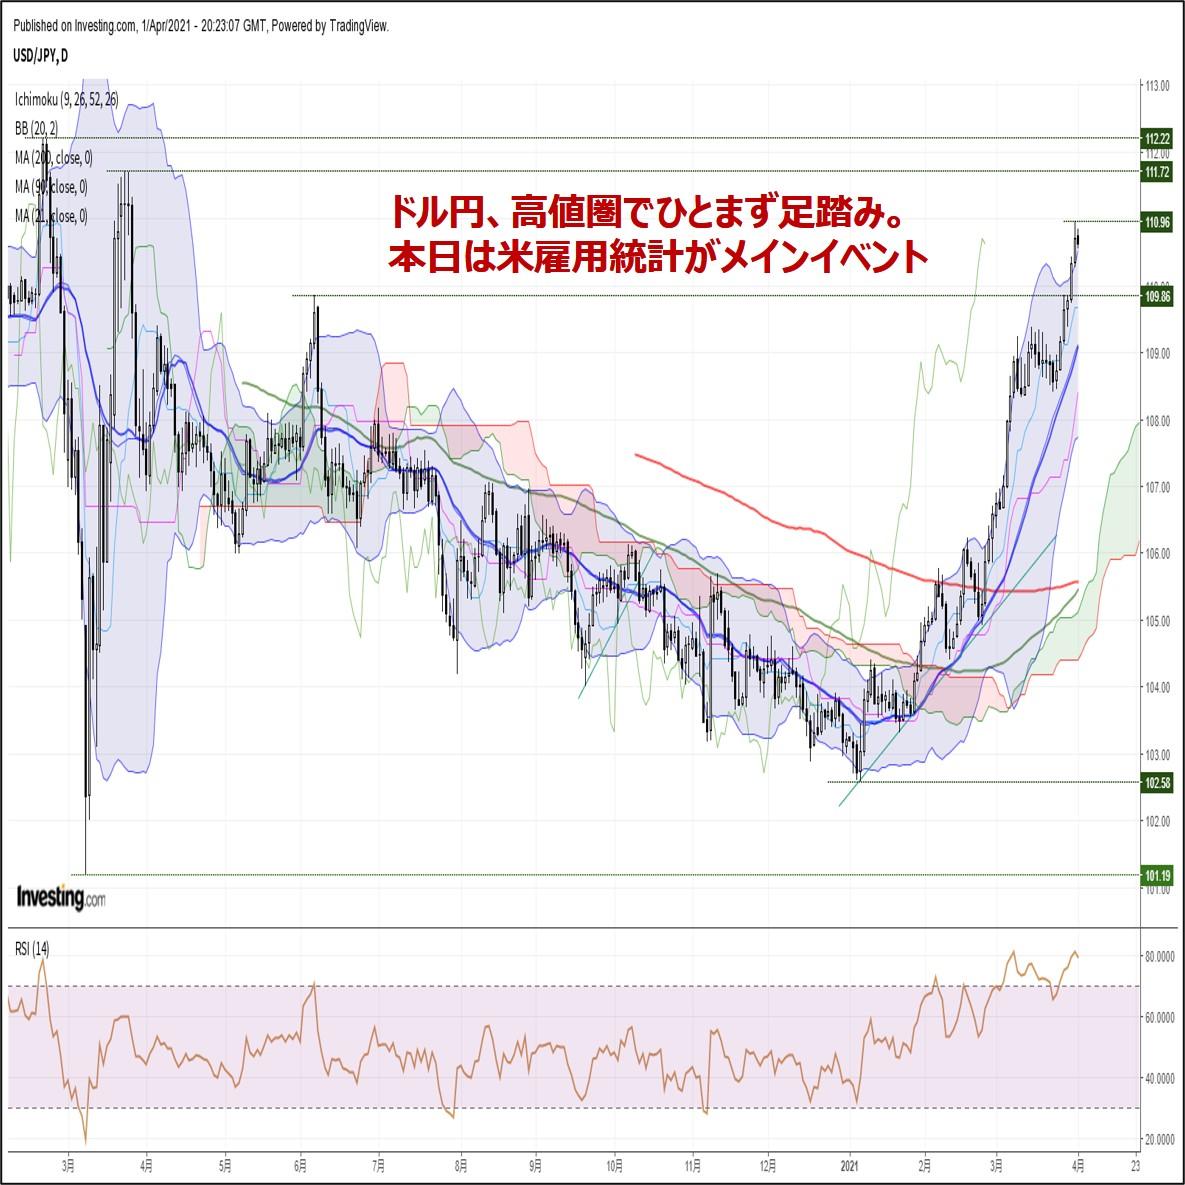 ドル円、高値圏でひとまず足踏み。本日は米雇用統計がメインイベント(4/2朝)